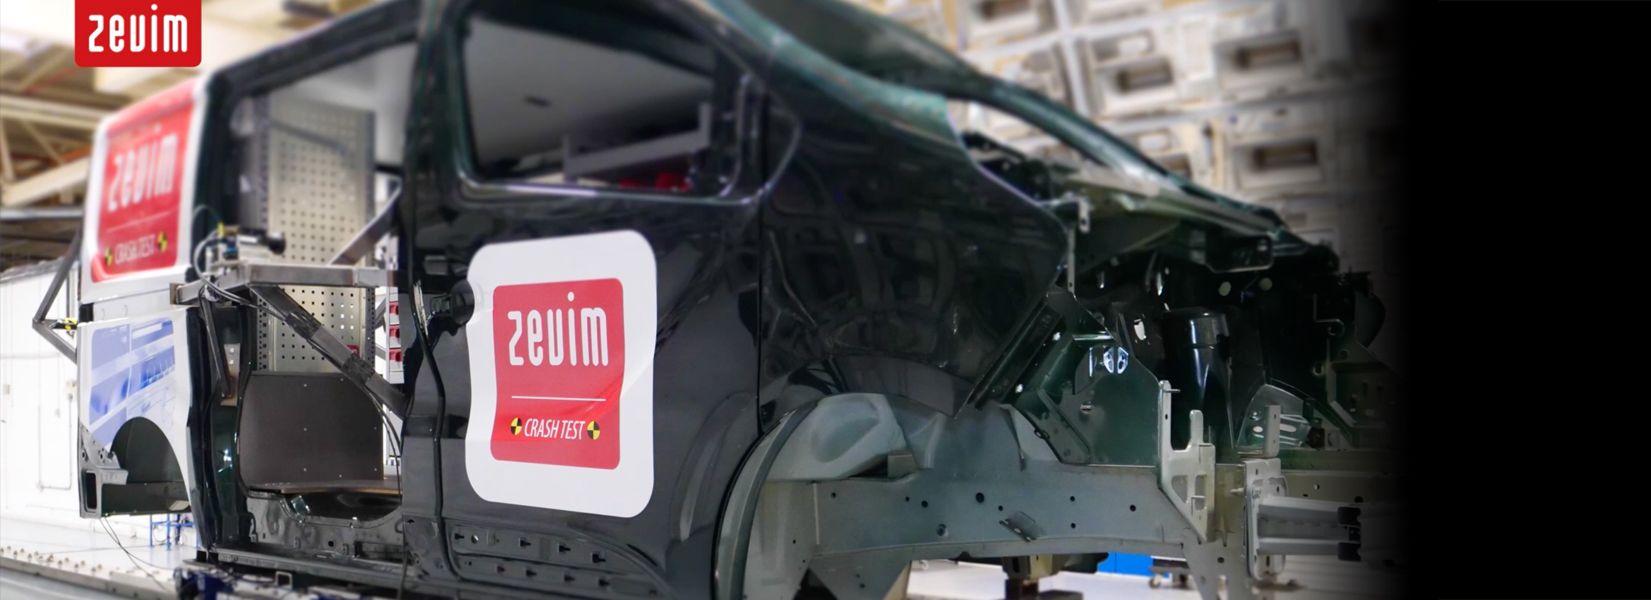 Zevim bedrijfswageninrichtingen Crash test. Veiligheid van u en uw werknemers/collega's is belangrijk voor ons, daarom hebben we een crash test laten uitvoeren op onze nieuwste bedrijfswageninrichting systemen in Millbrook.